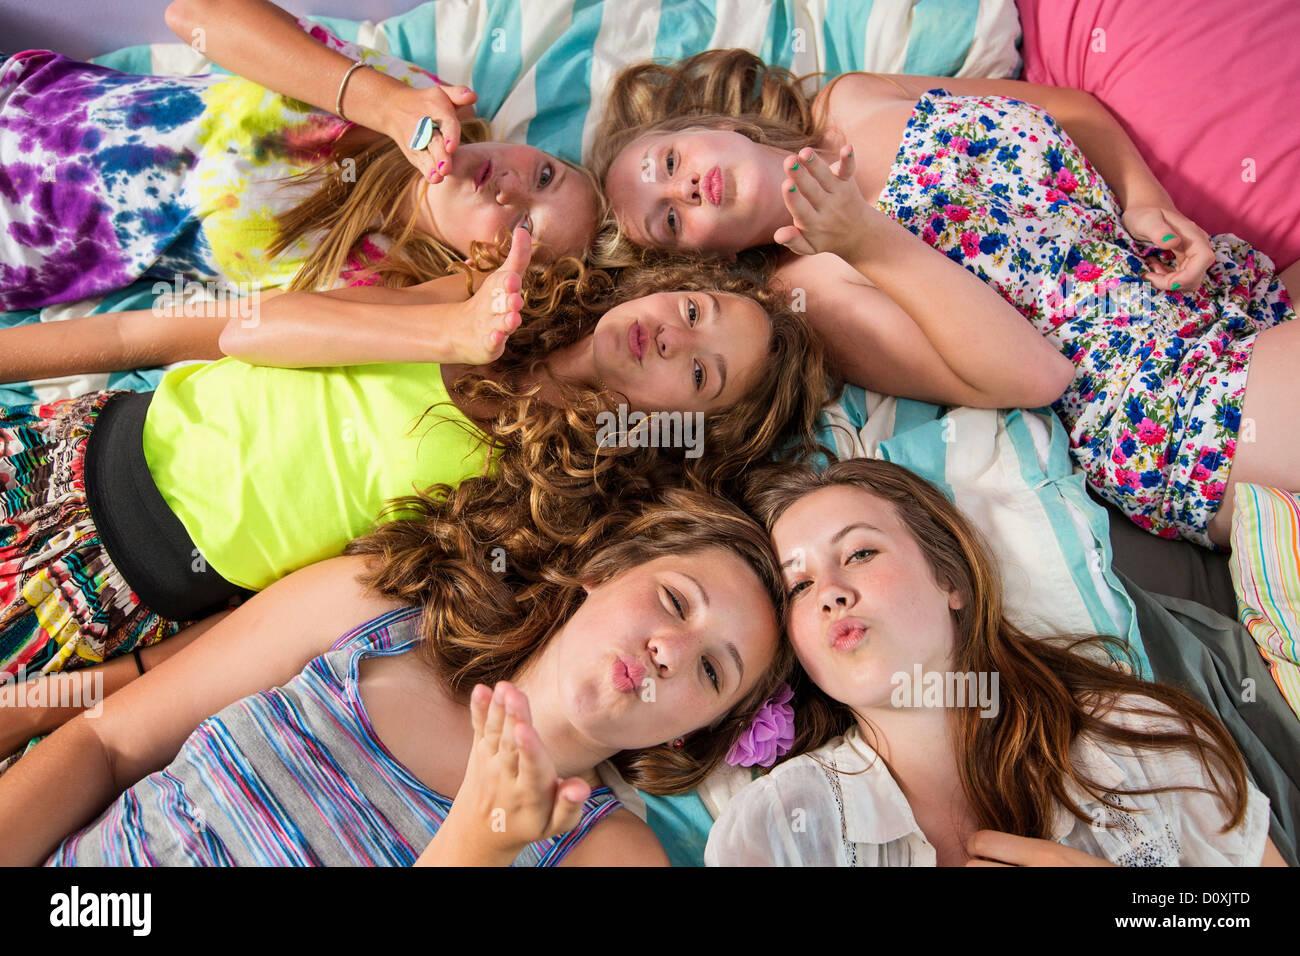 Ragazze giacente sul letto, baci di soffiatura Immagini Stock